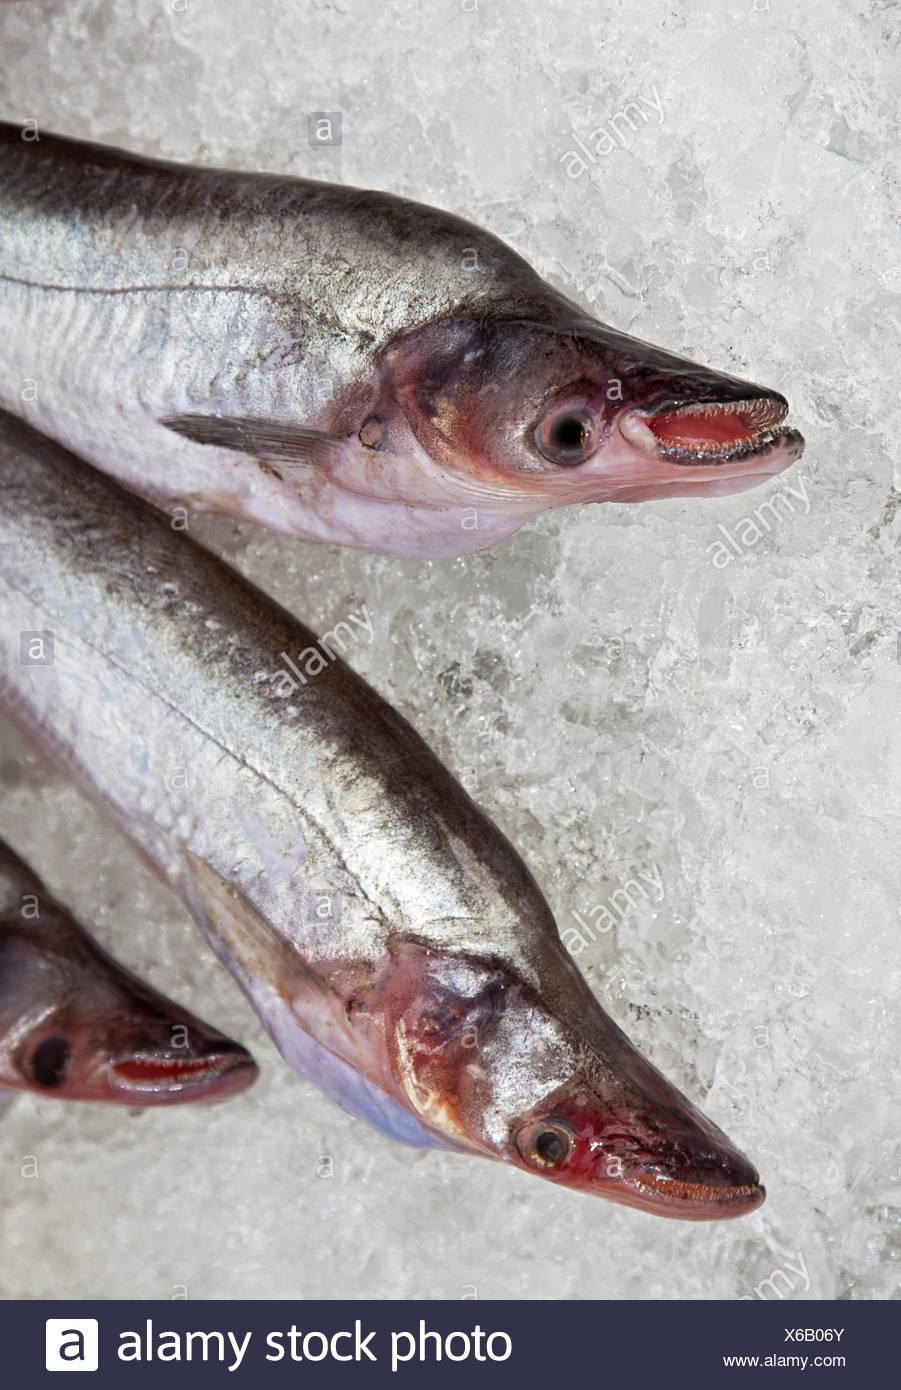 Predatory fish Stock Photo